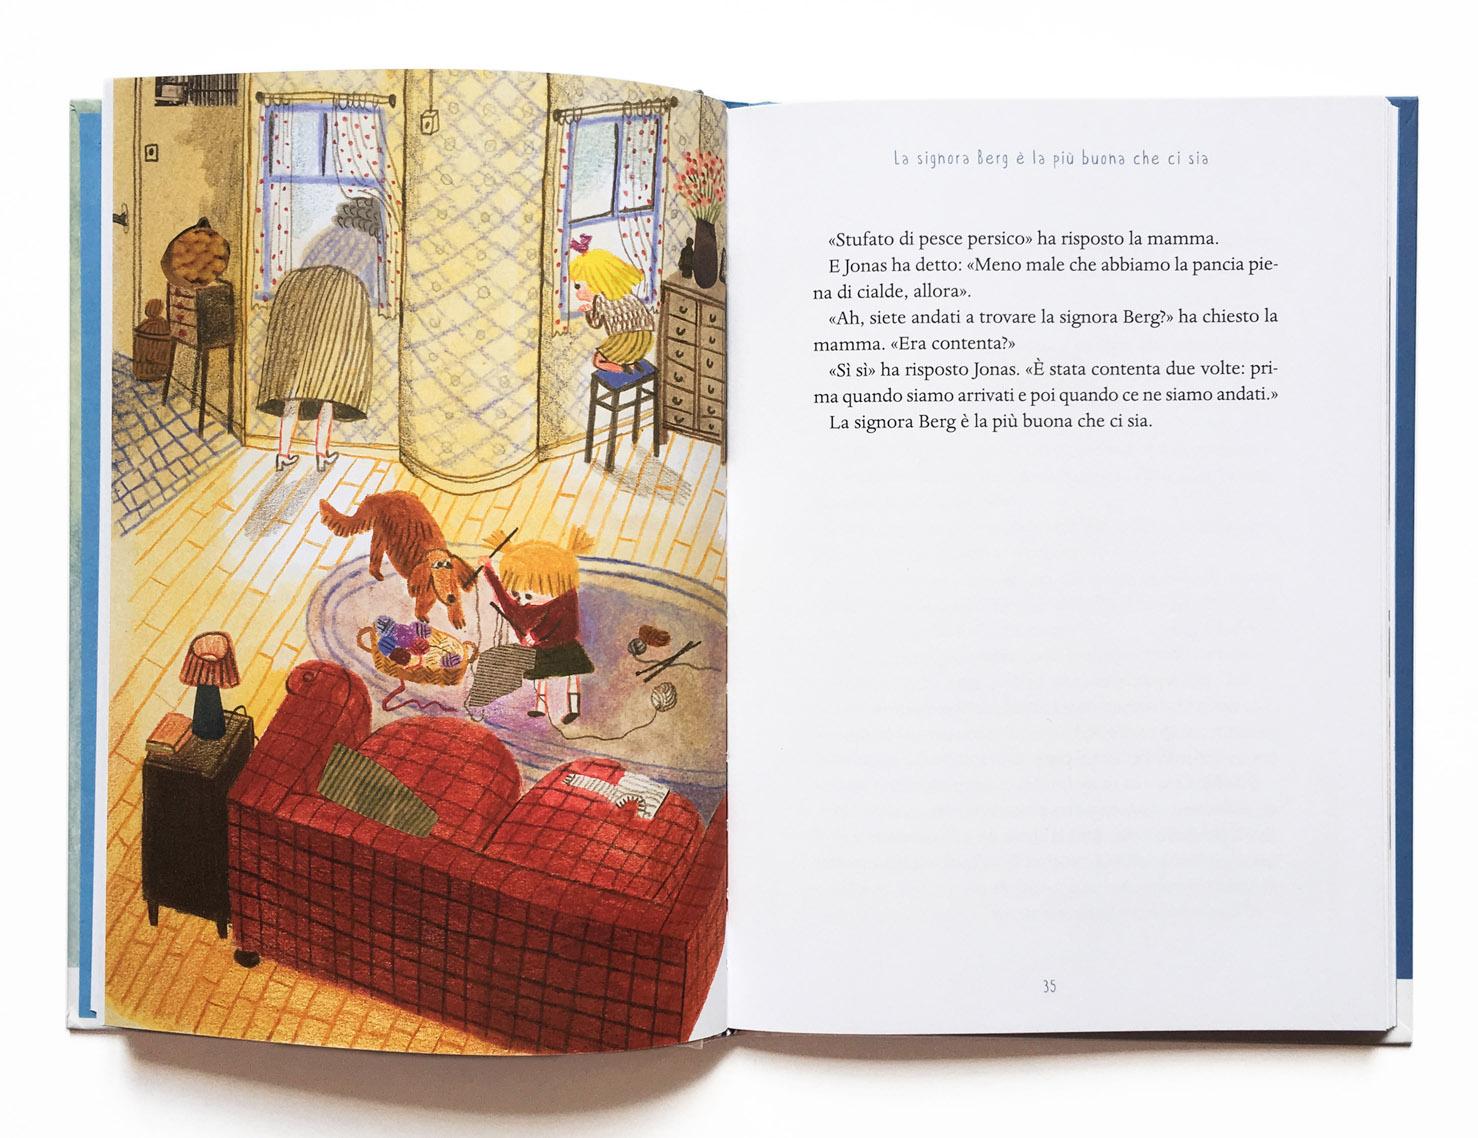 Astrid Lindgren's Lotta